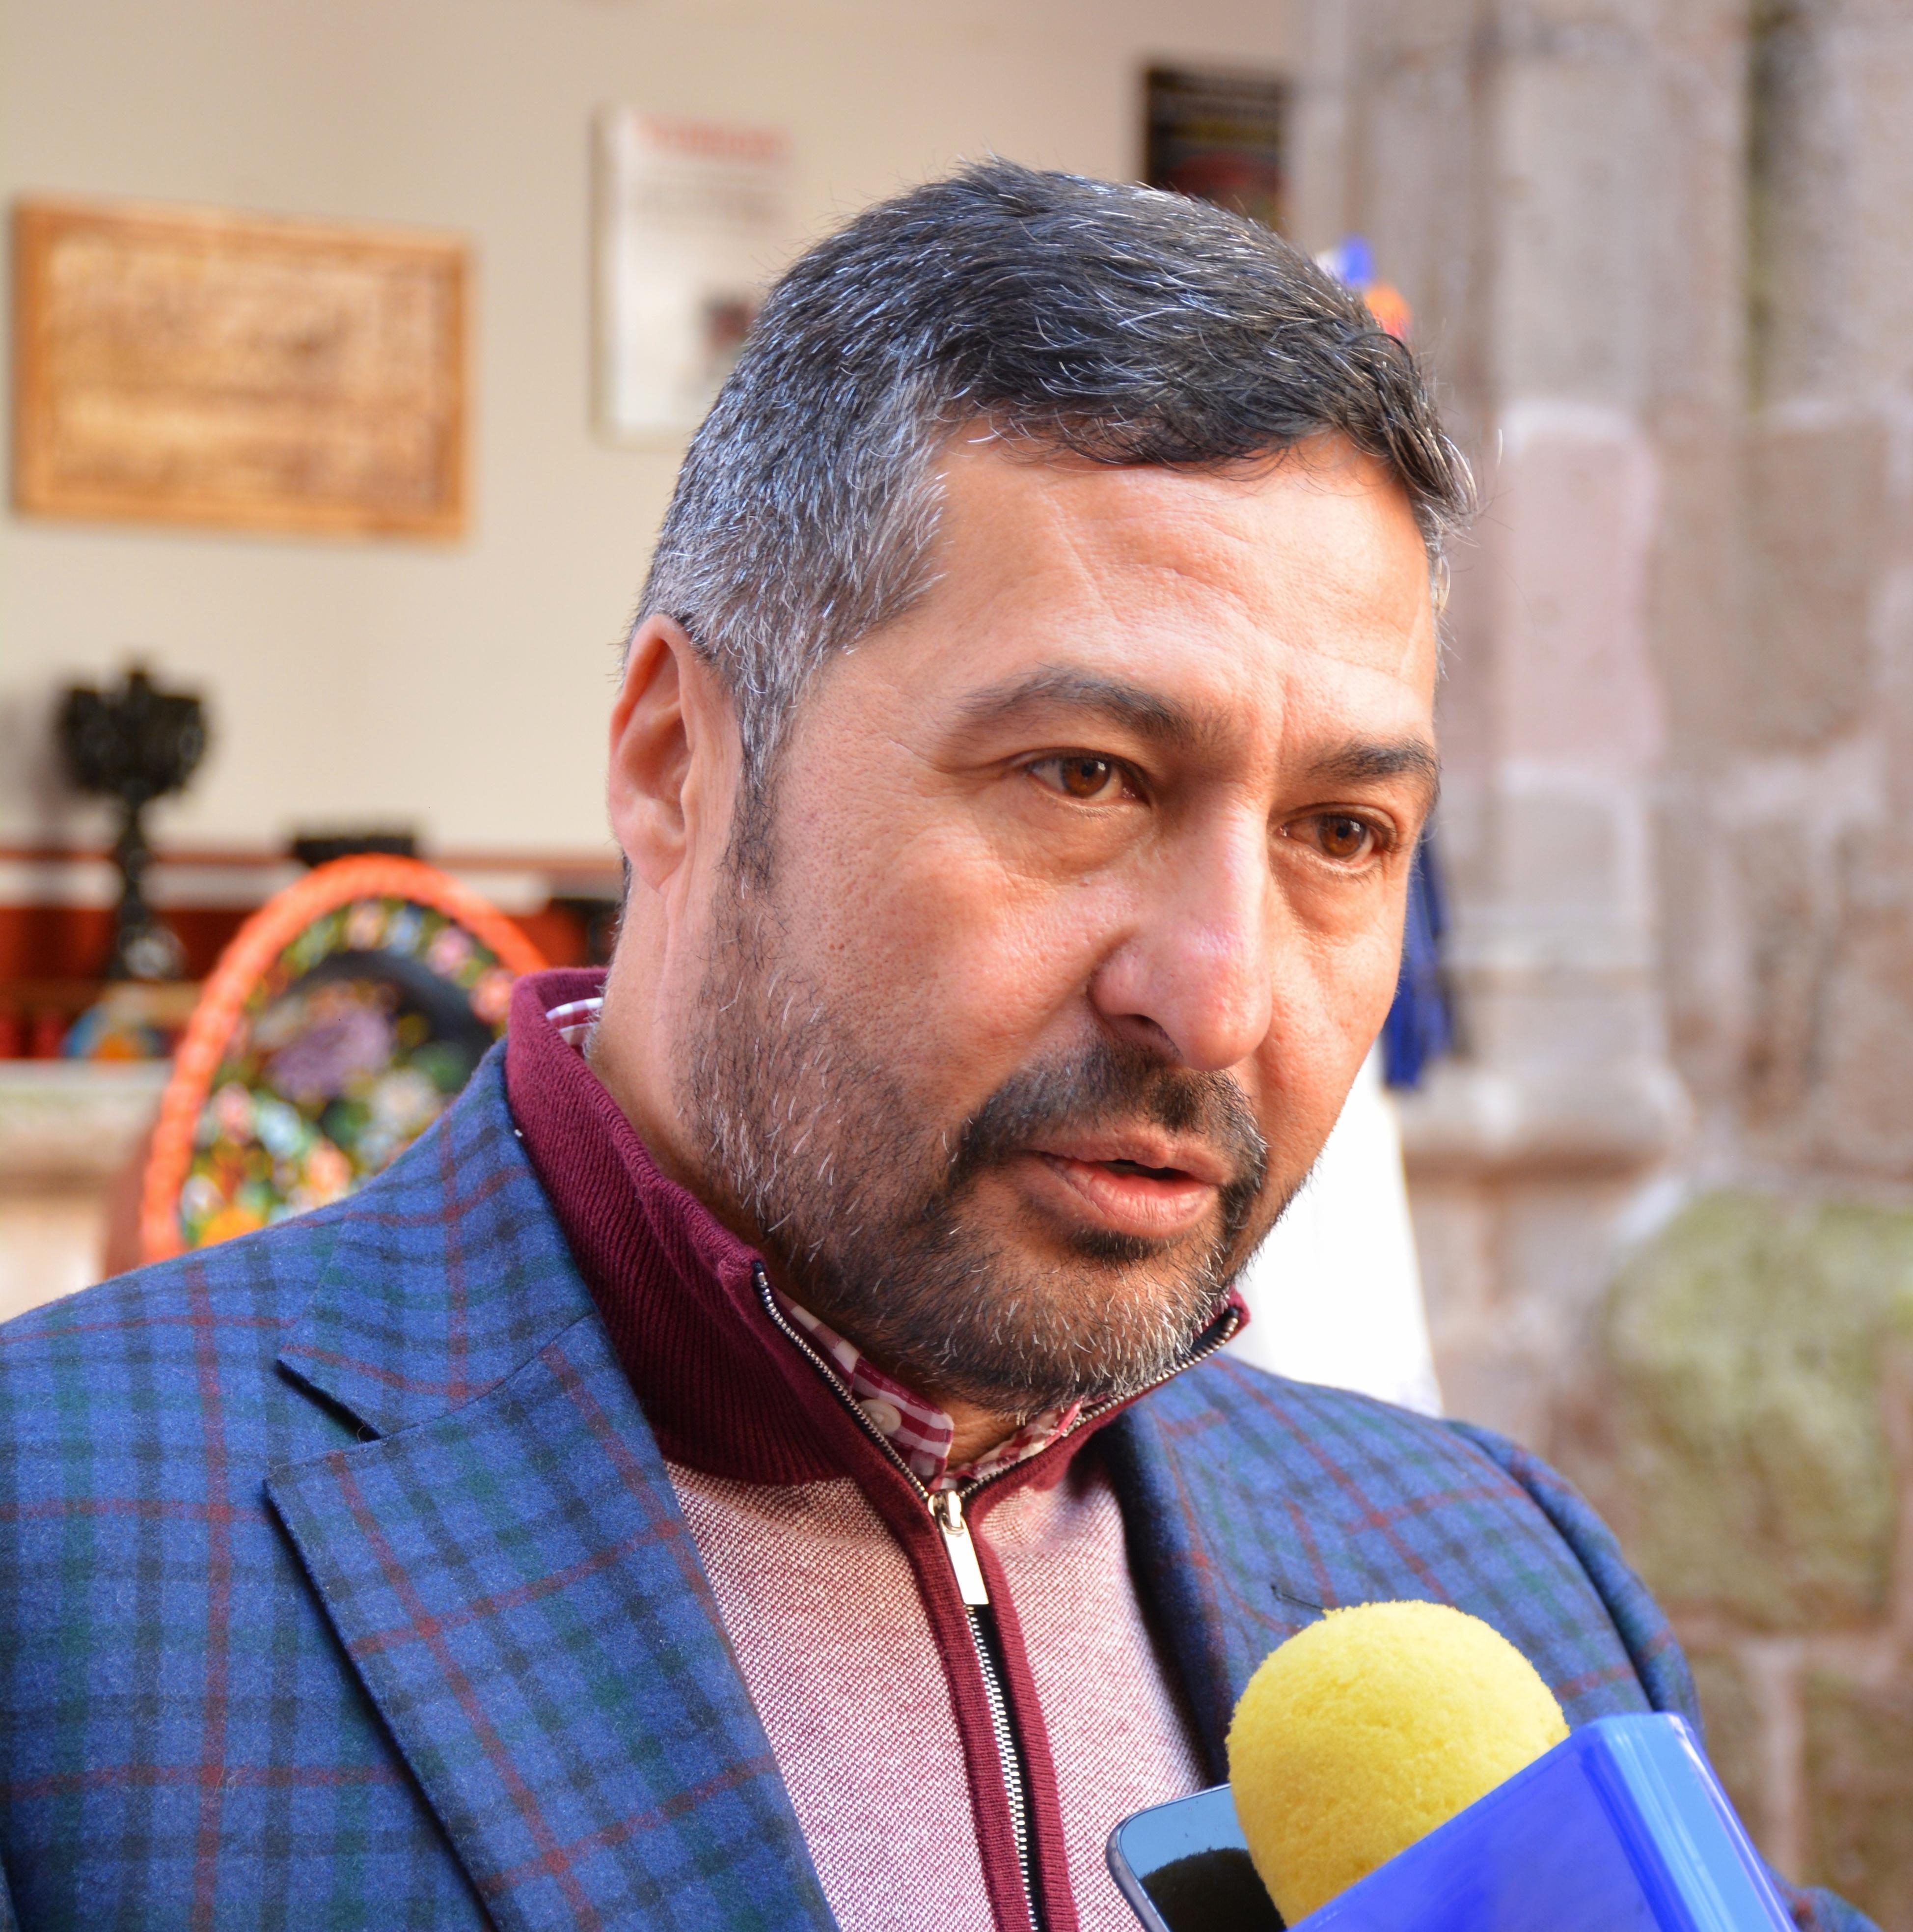 La oposición, sin calidad moral para descalificar la estrategia en contra del huachicol: Víctor Báez - Pátzcuaro Noticias